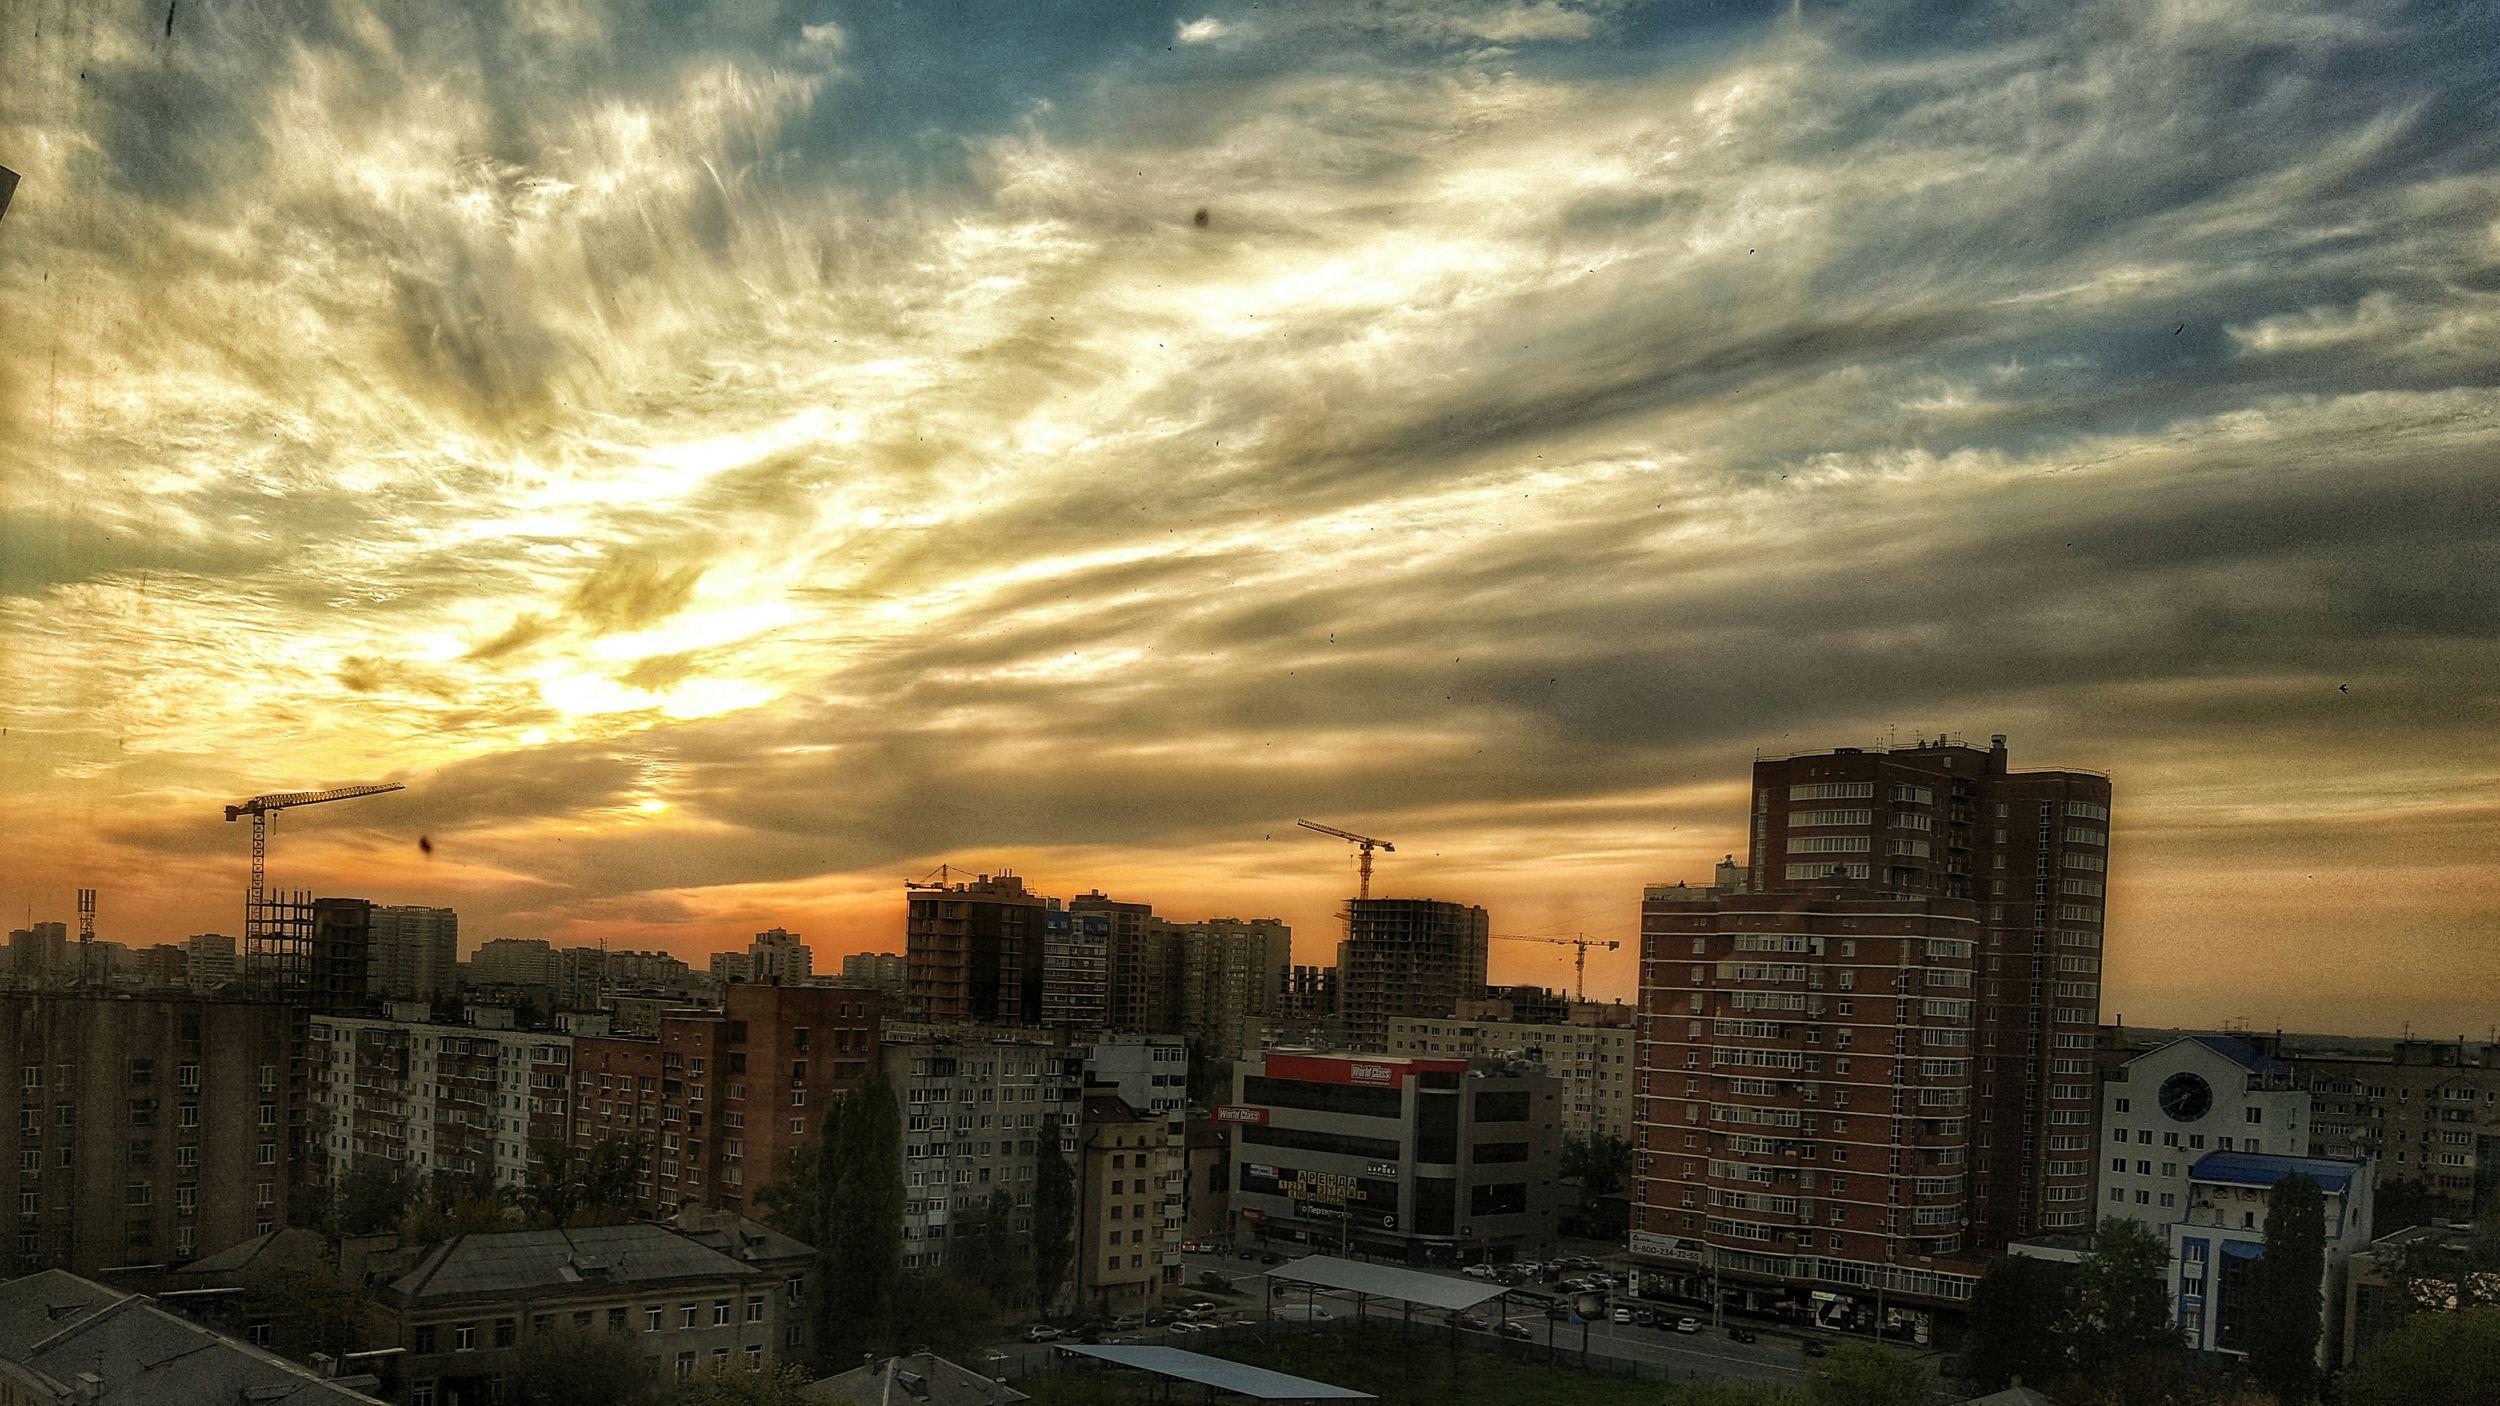 Sky Rostov-on-Don Rostov-na-Donu Zakatttt Sunset